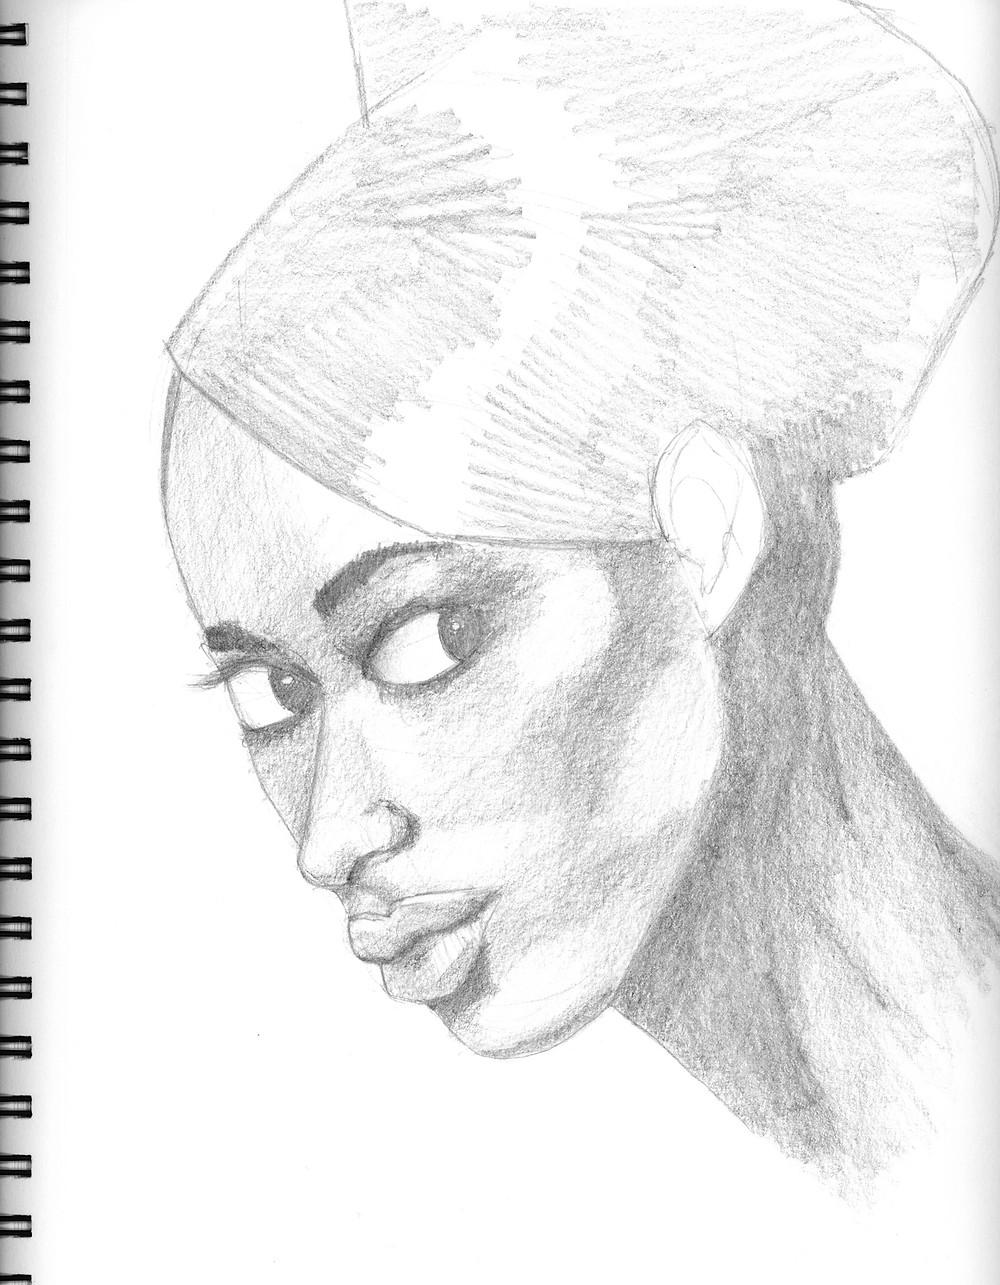 Female Portrait #3, graphite sketch